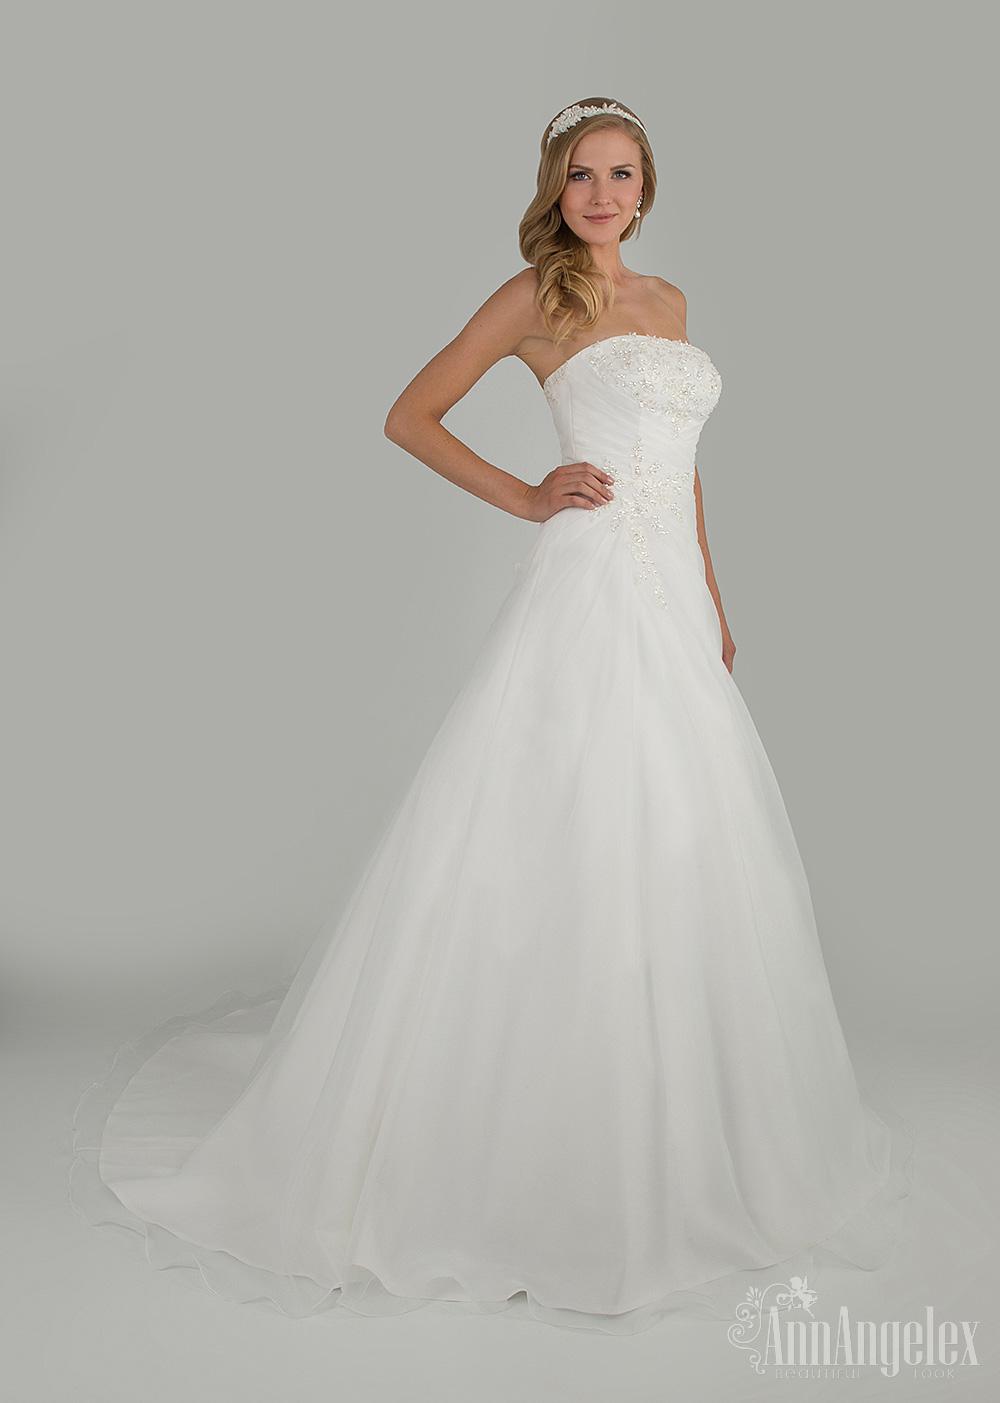 Berühmt Rabatt Kaufen Brautkleider Bilder - Hochzeit Kleid Stile ...